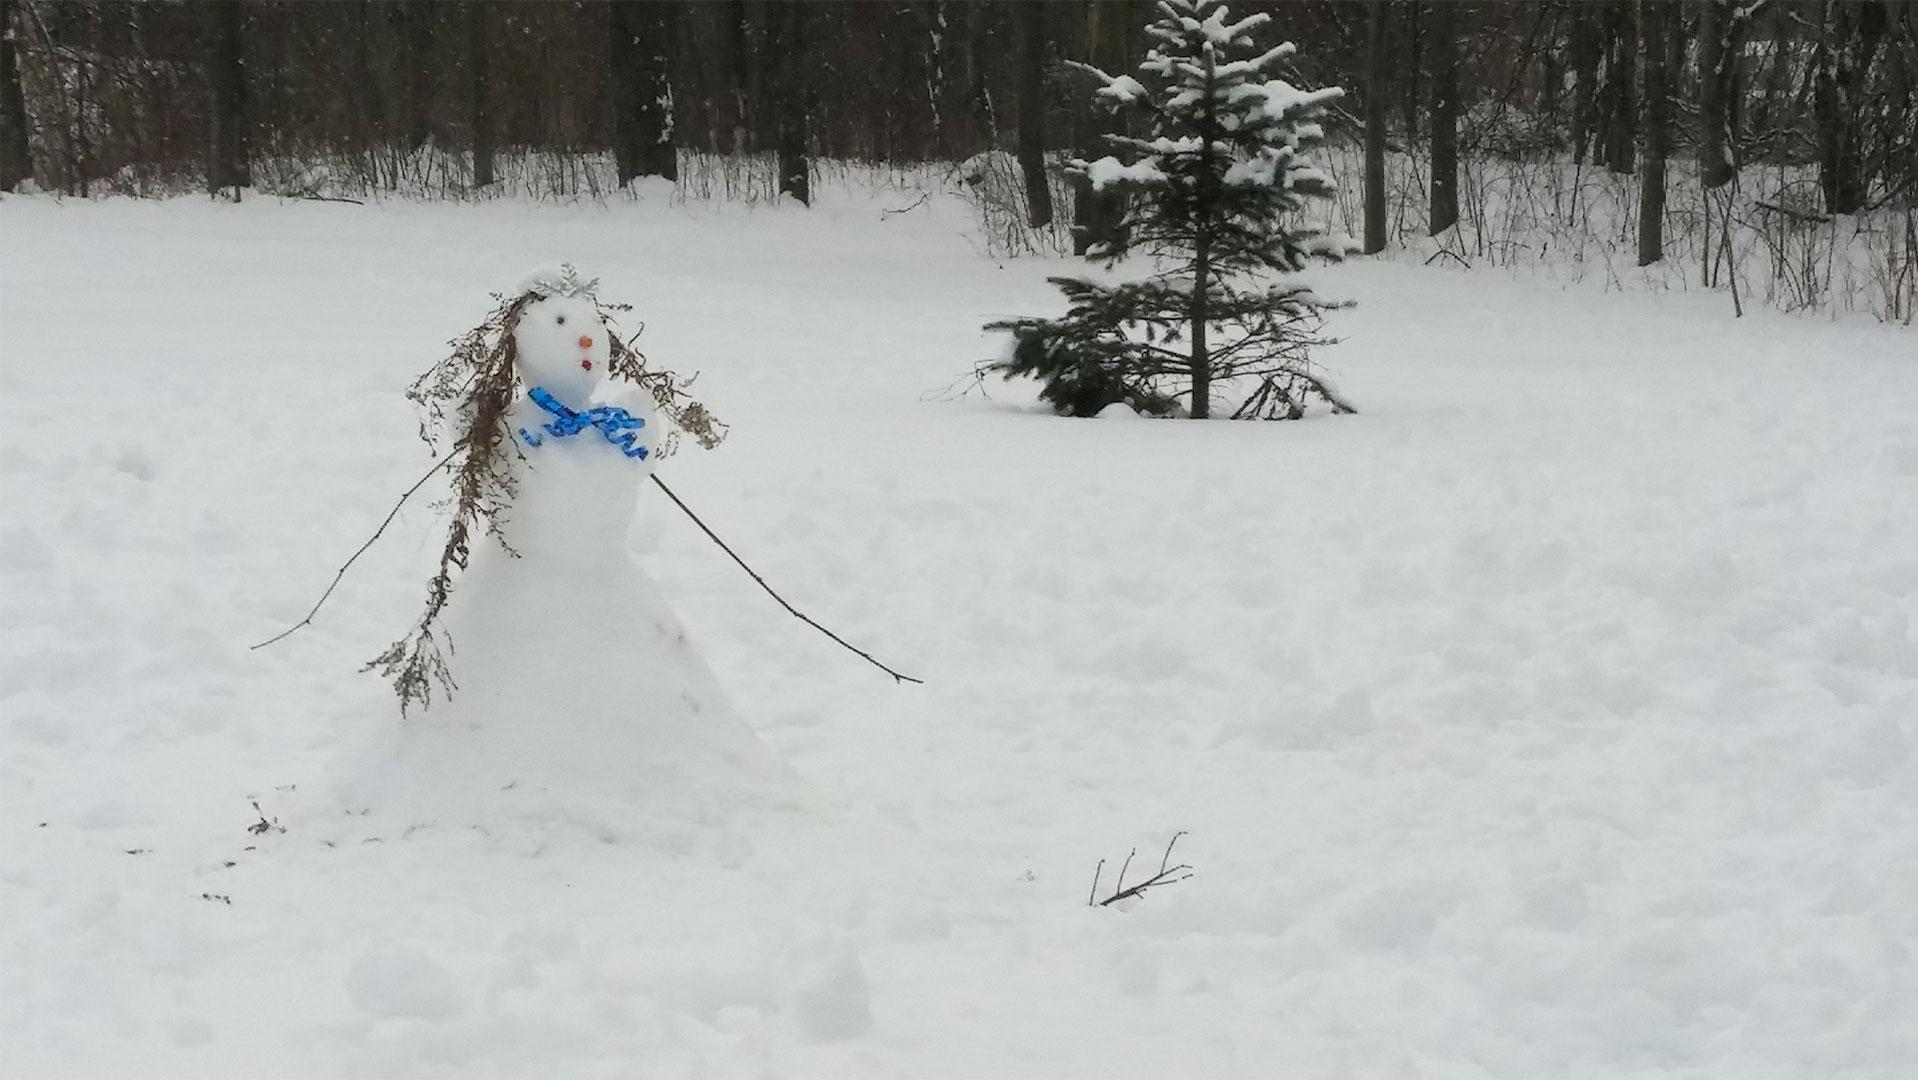 activité pointe-fortune bonhomme de neige